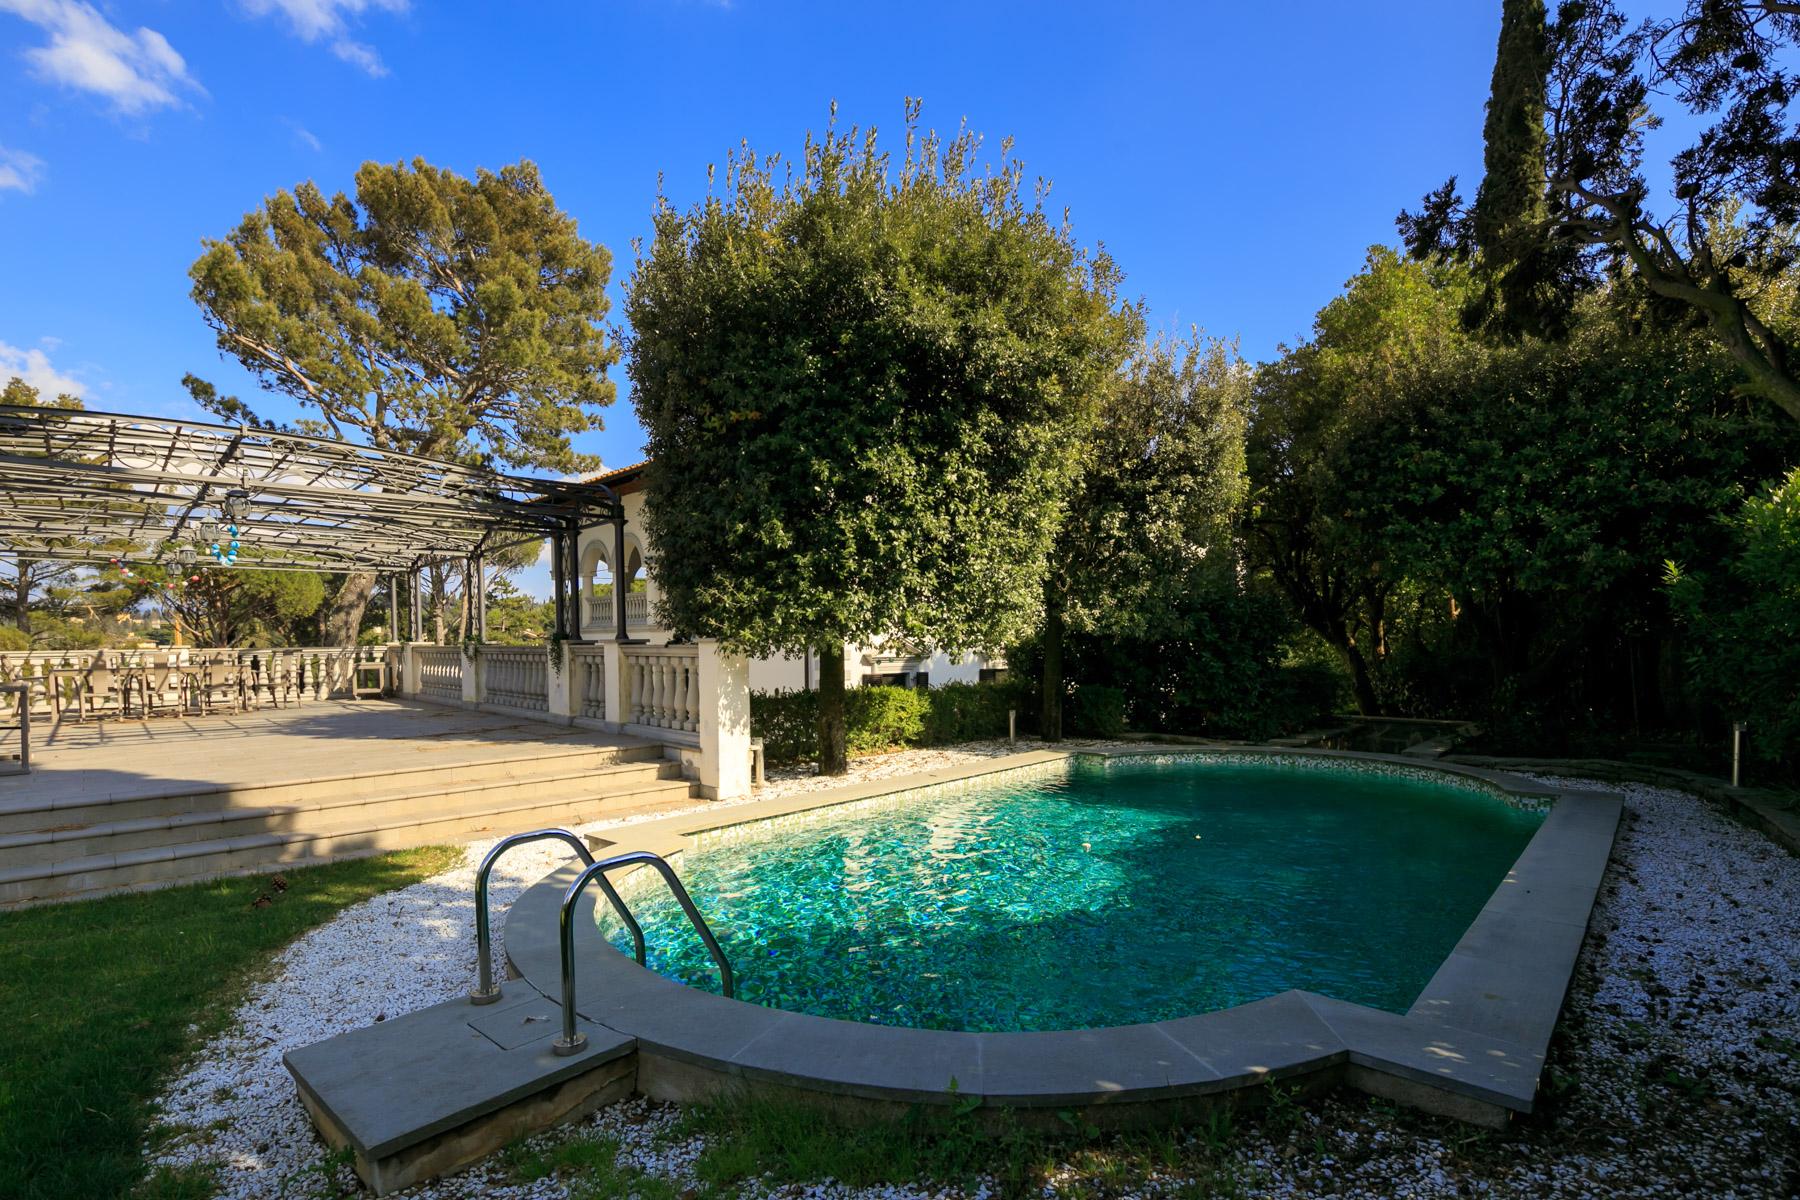 Villa in Vendita a Firenze: 5 locali, 600 mq - Foto 5